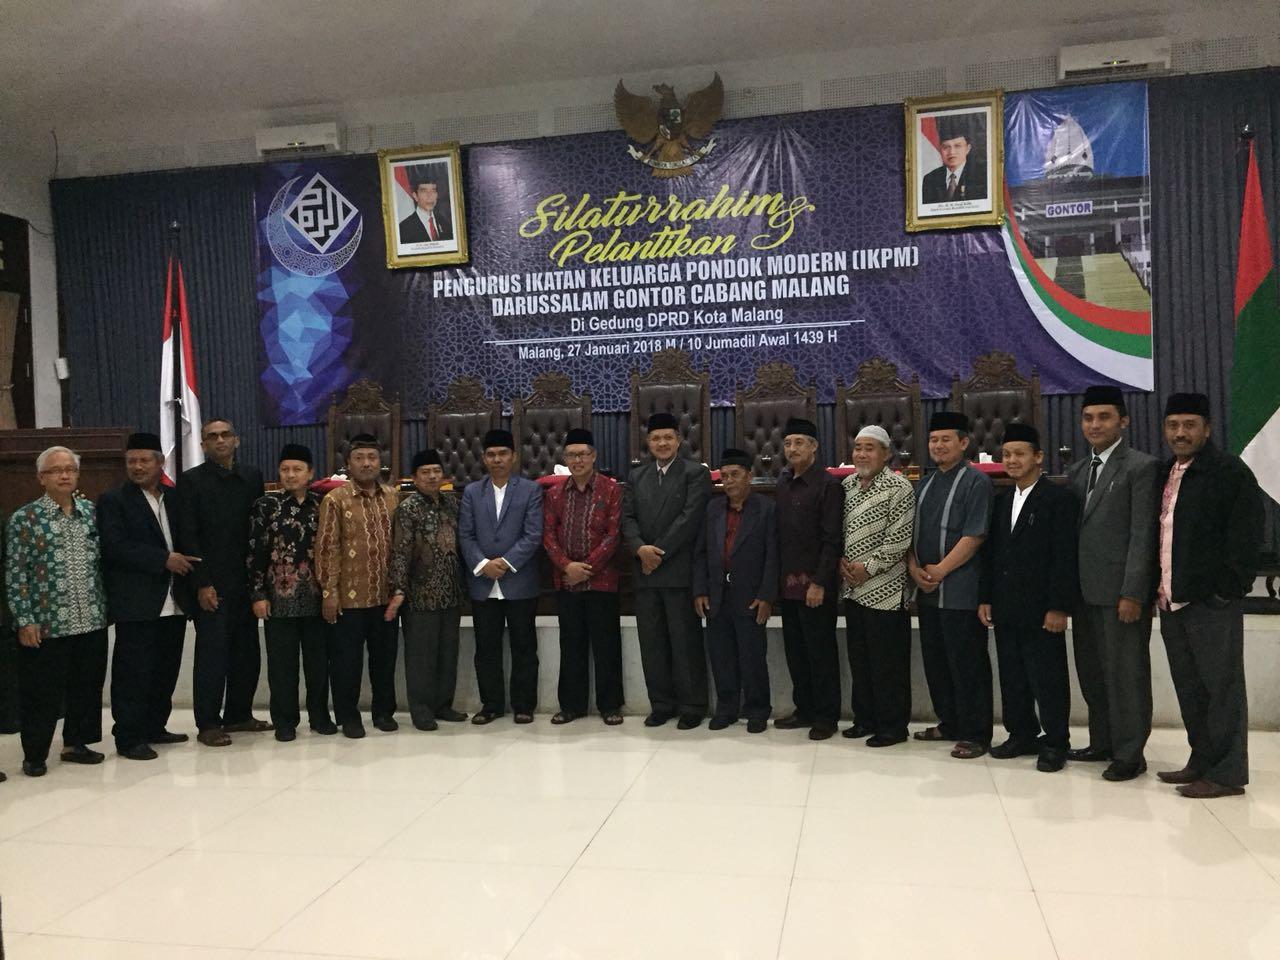 PP IKPM Lantik Pengurus Baru IKPM Cabang Malang dan Pasuruan